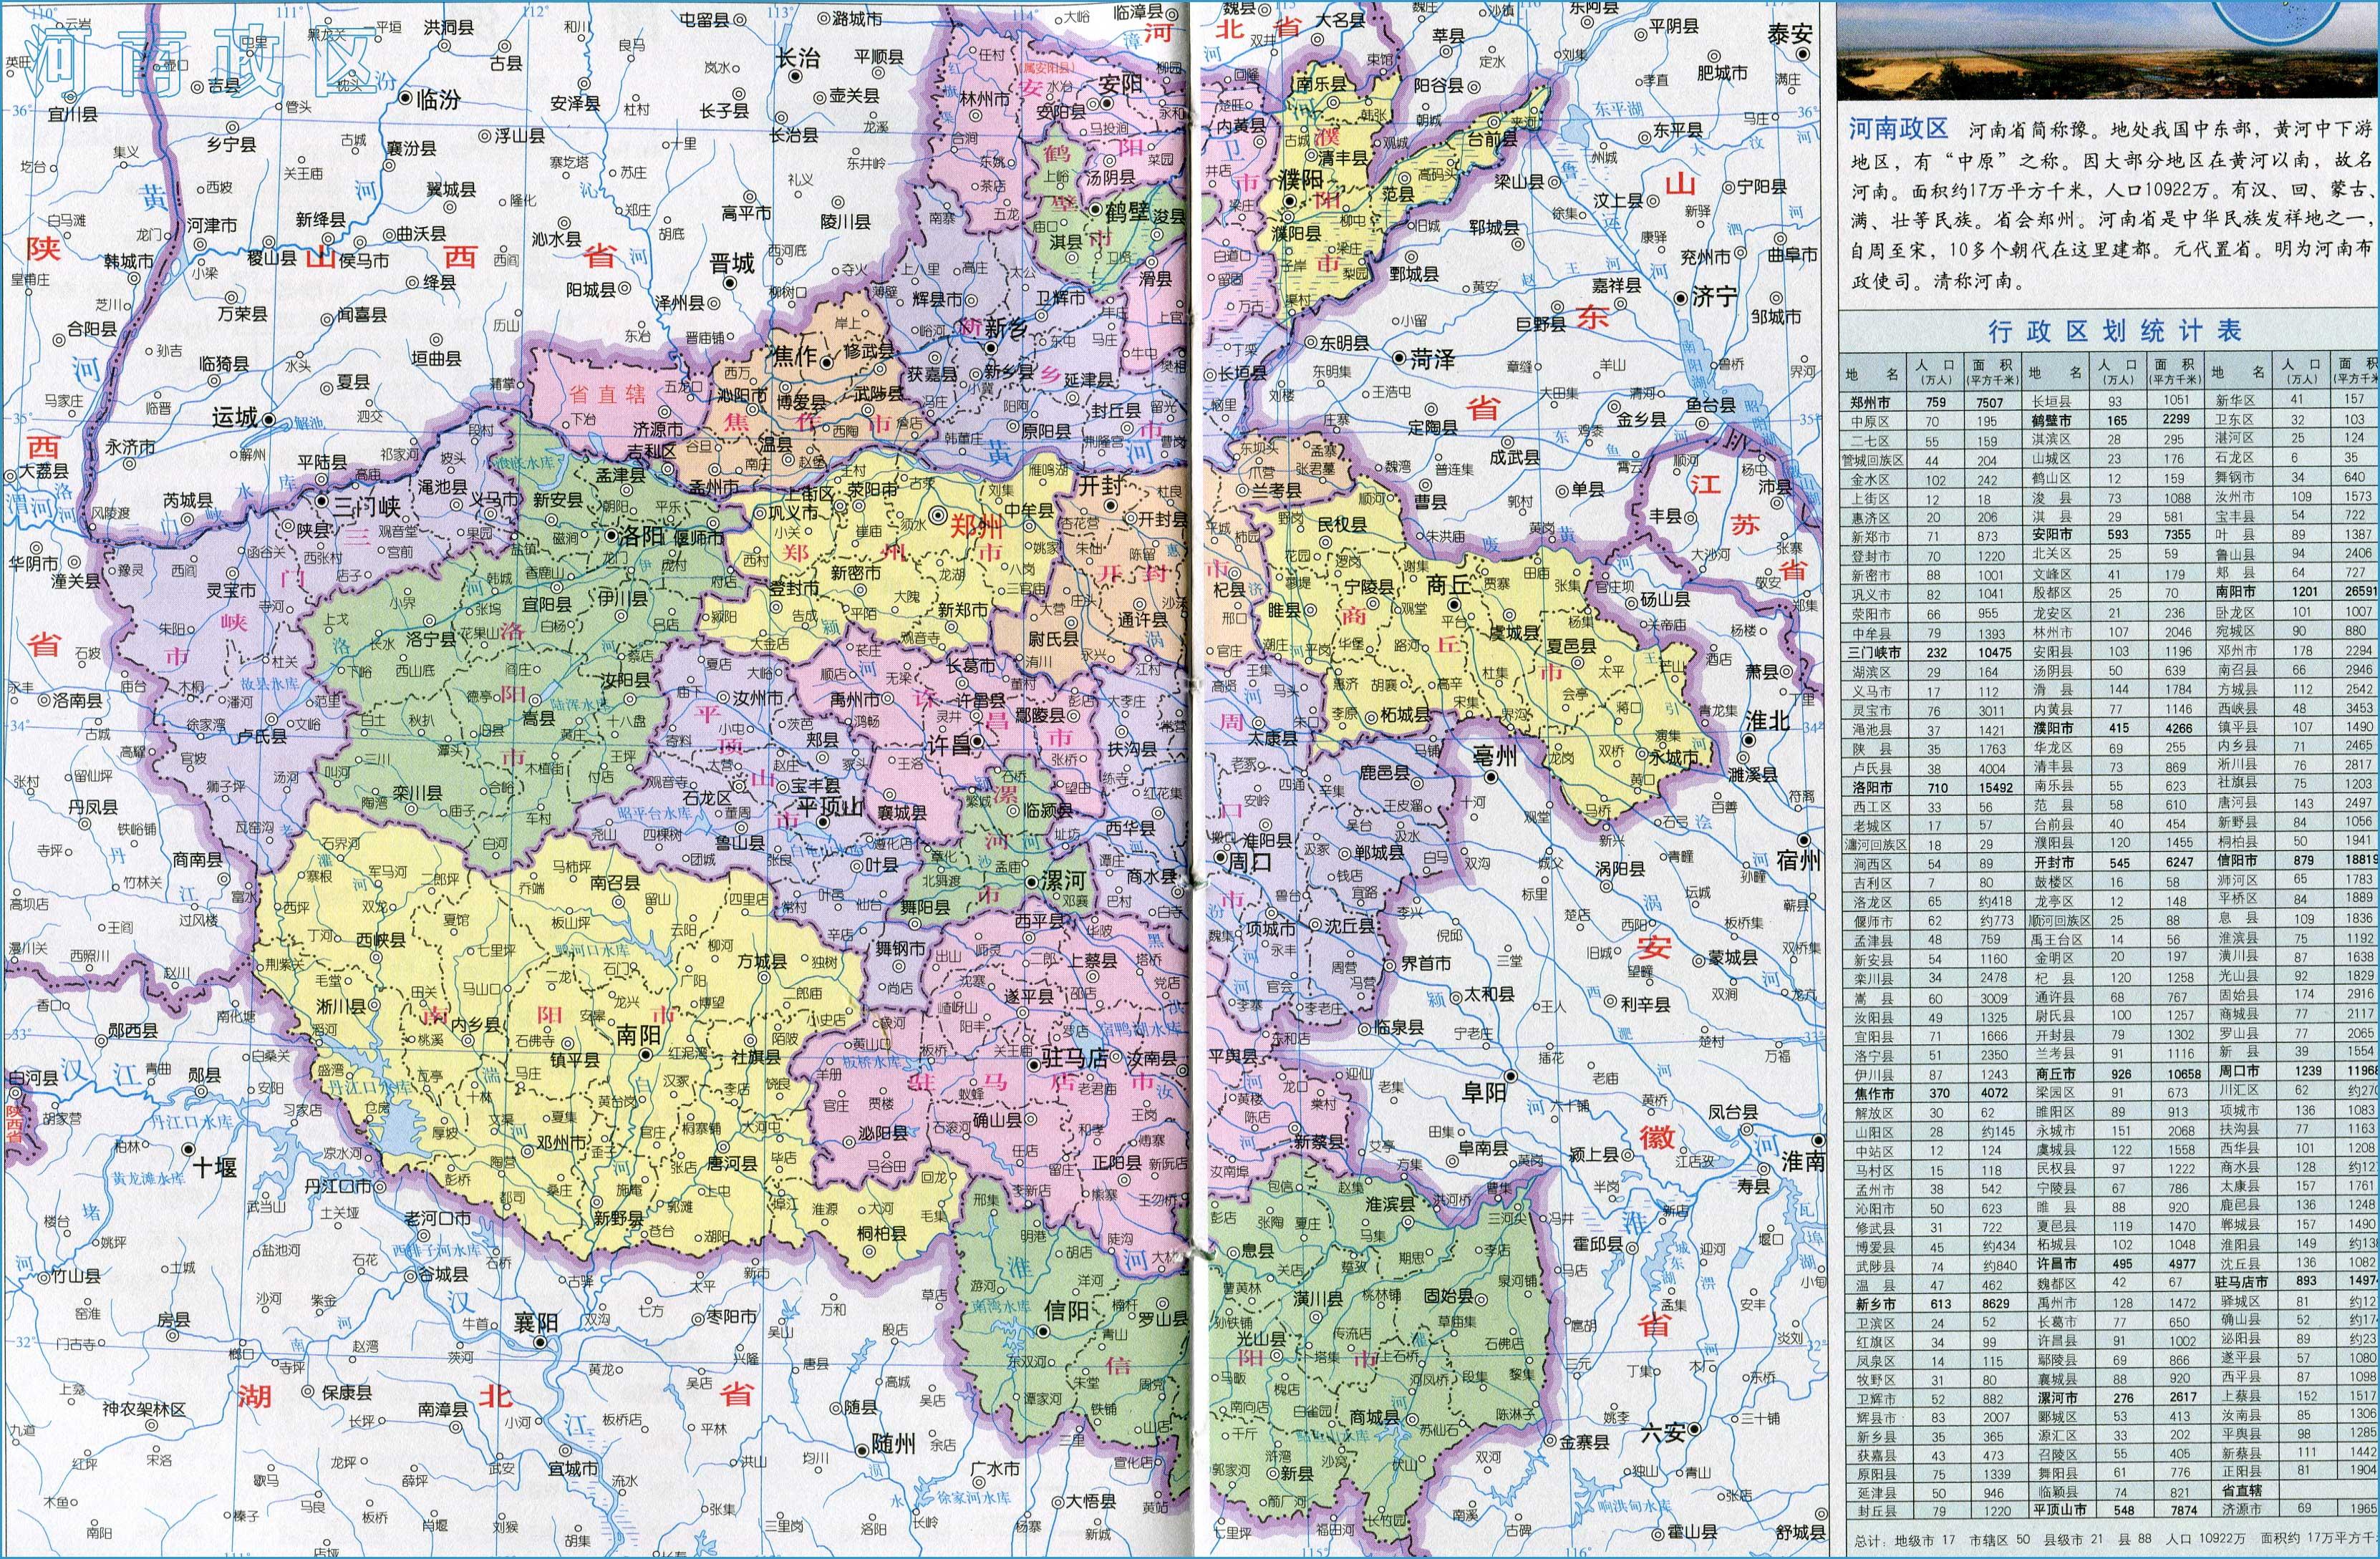 [转载]河南地图